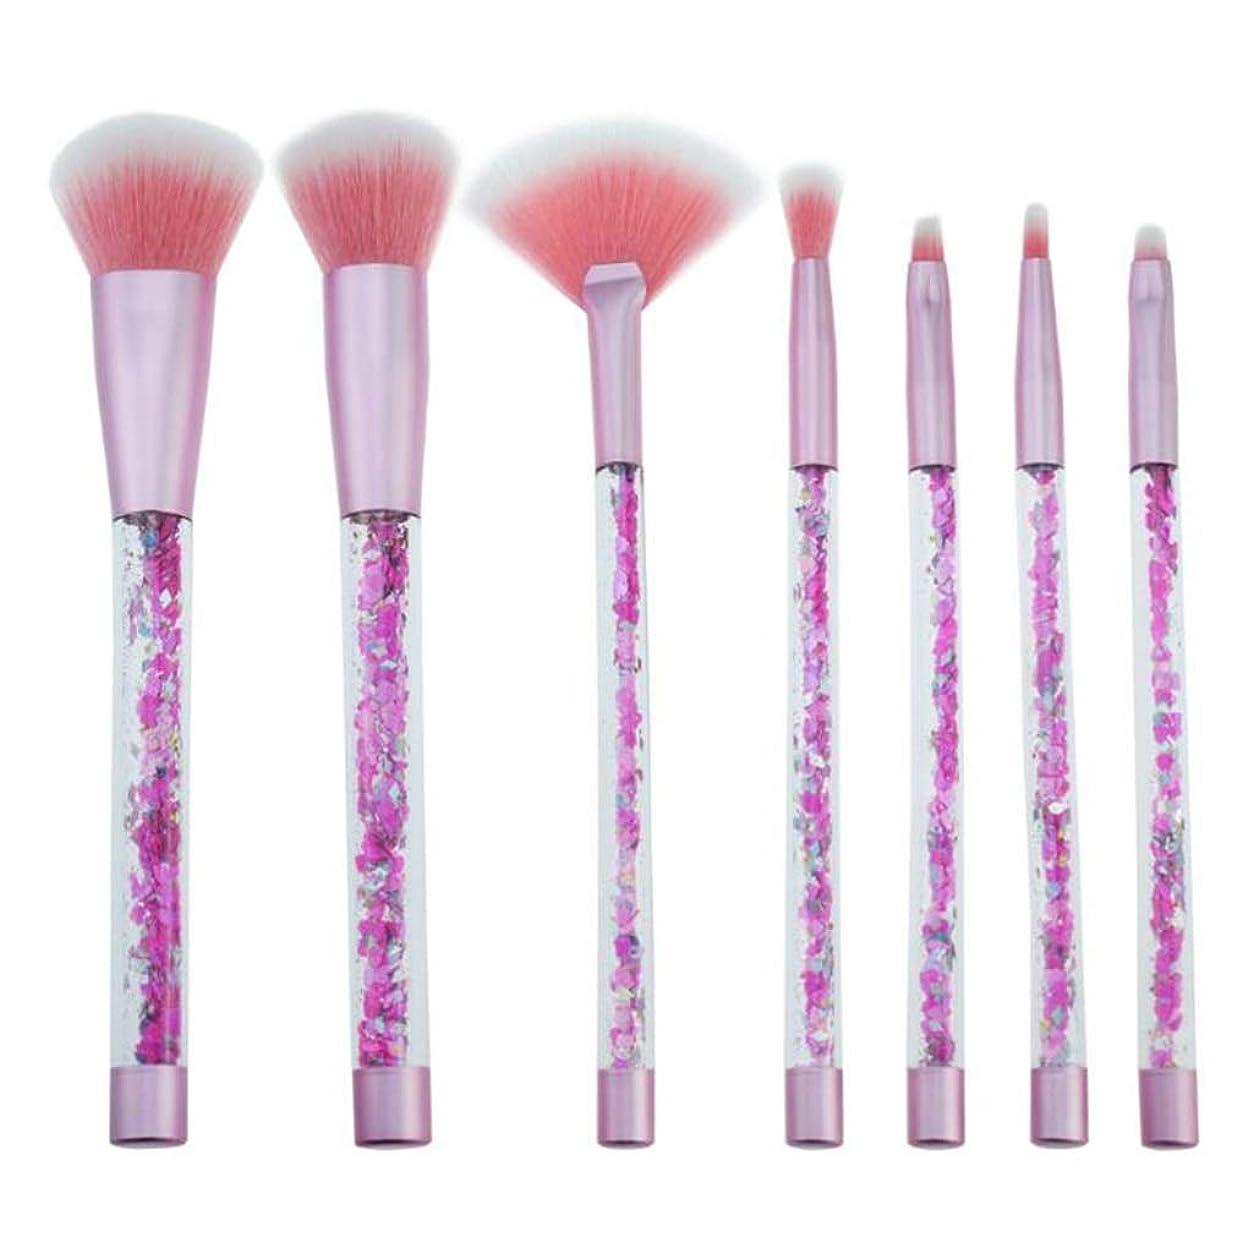 つかの間感度またはスパンコール化粧ブラシセット、美容メイクアップツールソフトファンデーションブラシ7個セット